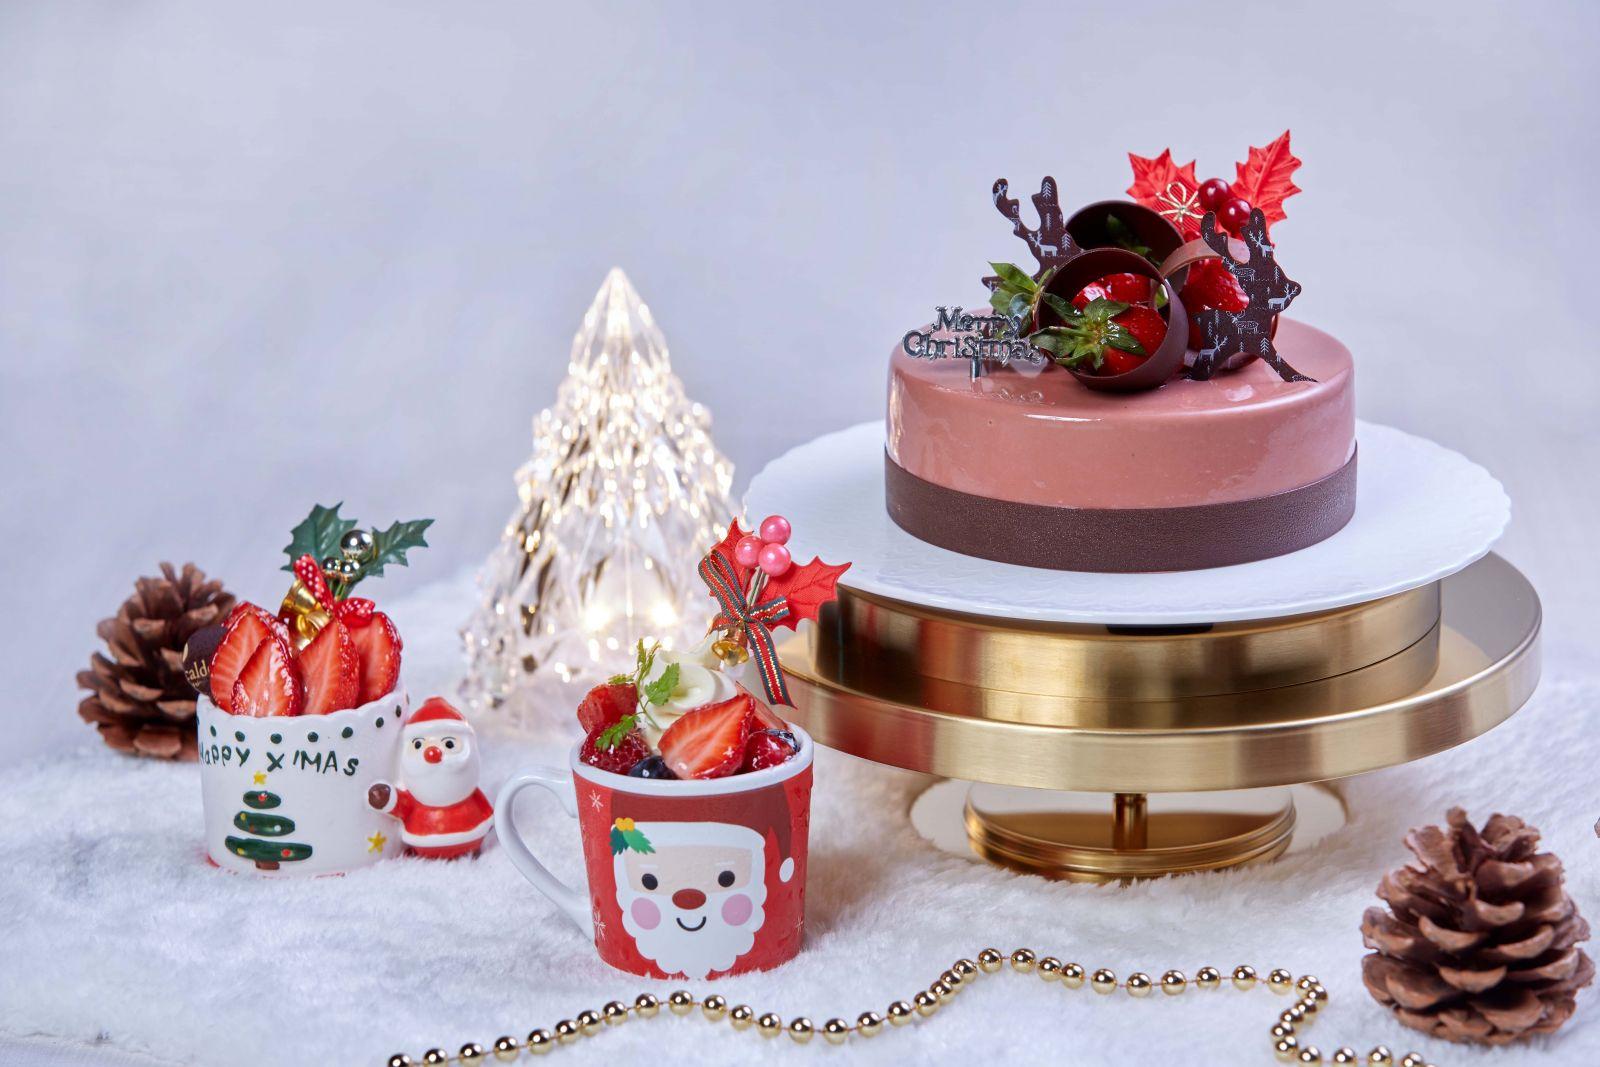 【國賓麵包坊】聖誕節限定 一起甜蜜襲擊「聖誕樂園」